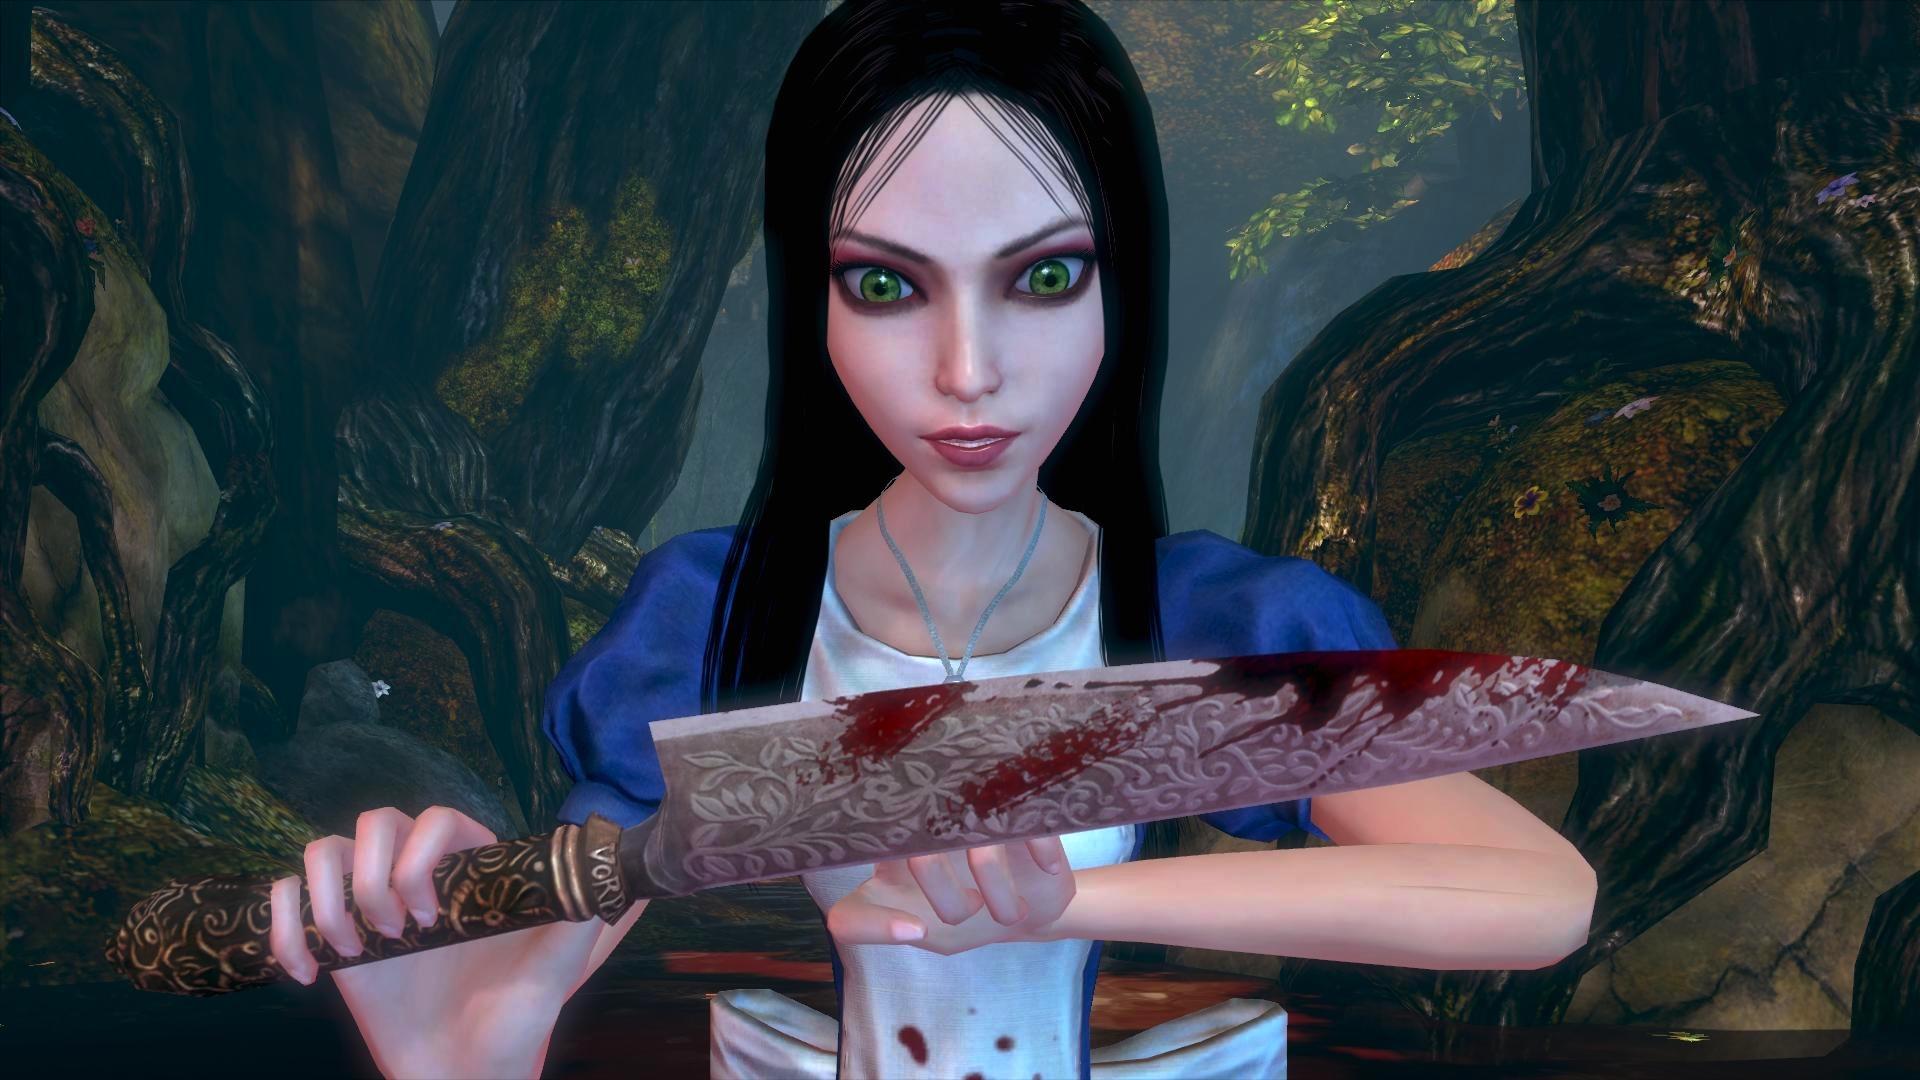 18577 télécharger le fond d'écran Jeux, Alice: Madness Returns - économiseurs d'écran et images gratuitement